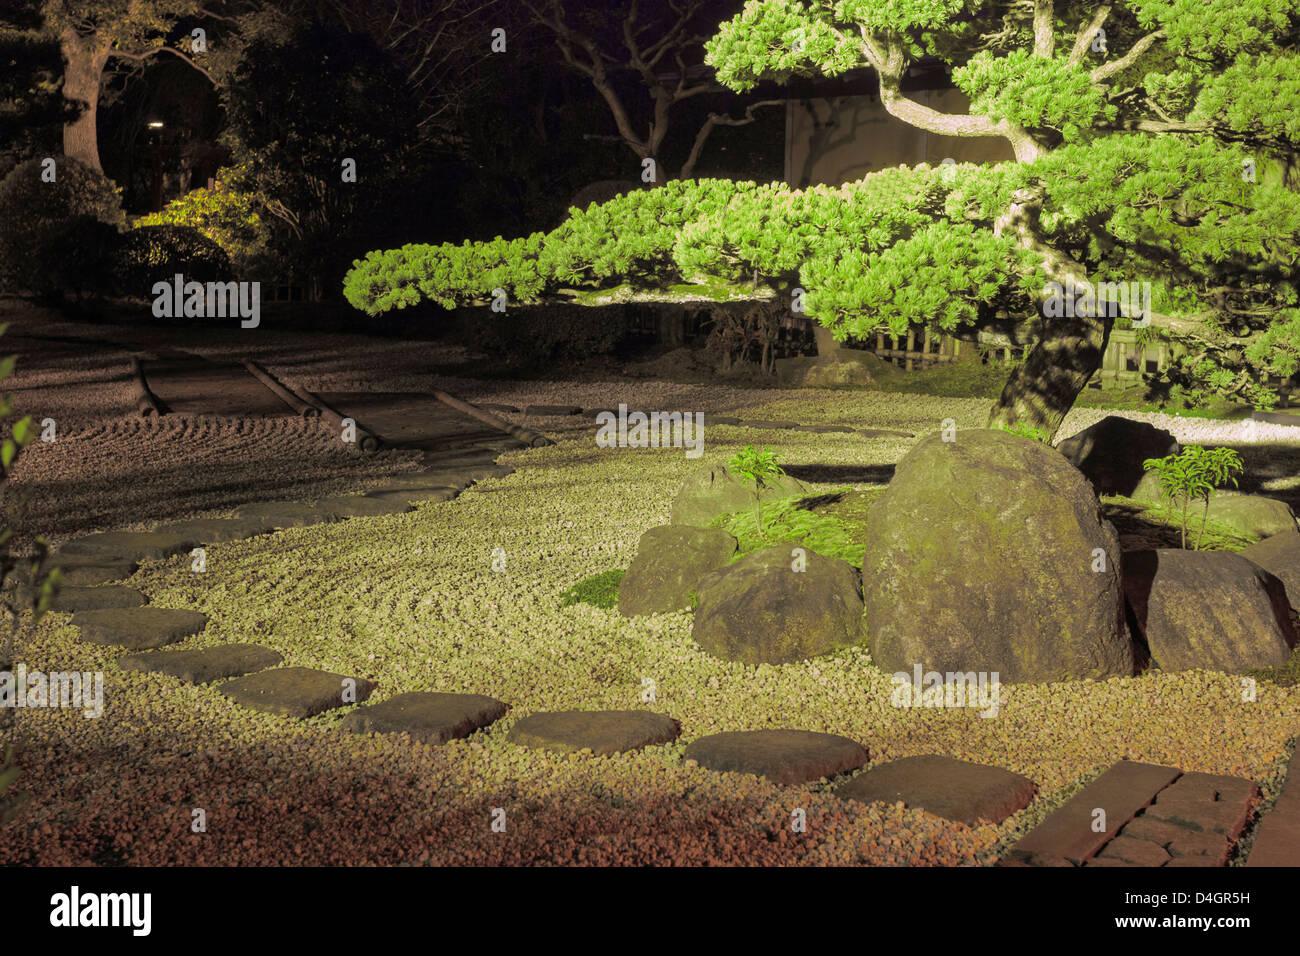 Pino interno giapponese giardino zen con pietra intorno e scenic